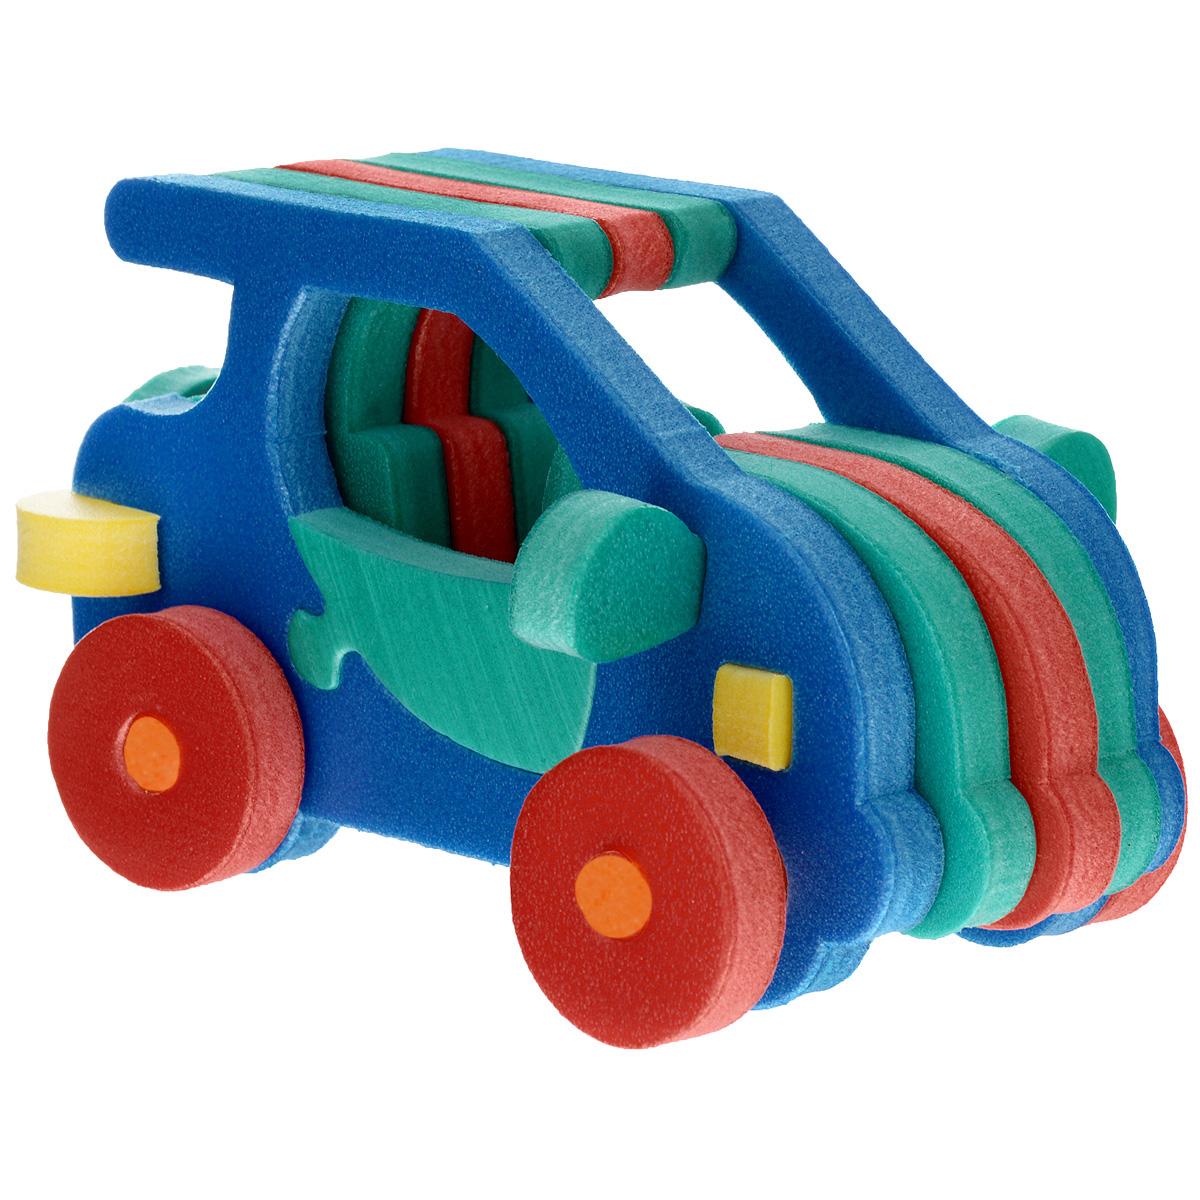 Флексика Мягкий конструктор Автомобильчик45388Мозаики и конструкторы настолько универсальны и практичны, что с ними можно играть практически везде. Для производства игрушек используется современный, легкий, эластичный, прочный материал, который обеспечивает большую долговечность игрушек, и главное является абсолютно безопасным для детей. К тому же, благодаря особой структуре материала и свойству прилипать к мокрой поверхности, мягкие конструкторы и мозаики являются идеальной игрушкой для ванны. Способствует развитию у ребенка мелкой моторики, образного и логического мышления, наблюдательности. УВАЖАЕМЫЕ КЛИЕНТЫ! Обращаем ваше внимание на возможные изменения в дизайне, связанные с ассортиментом продукции: цвет изделия или отдельных деталей может отличаться от представленного на изображении. Поставка осуществляется в зависимости от наличия на складе. Характеристики: Средний размер получаемого автомобиля: 13,5 см x 8 см x 4 см. Мозаики и конструкторы серии Флексика...